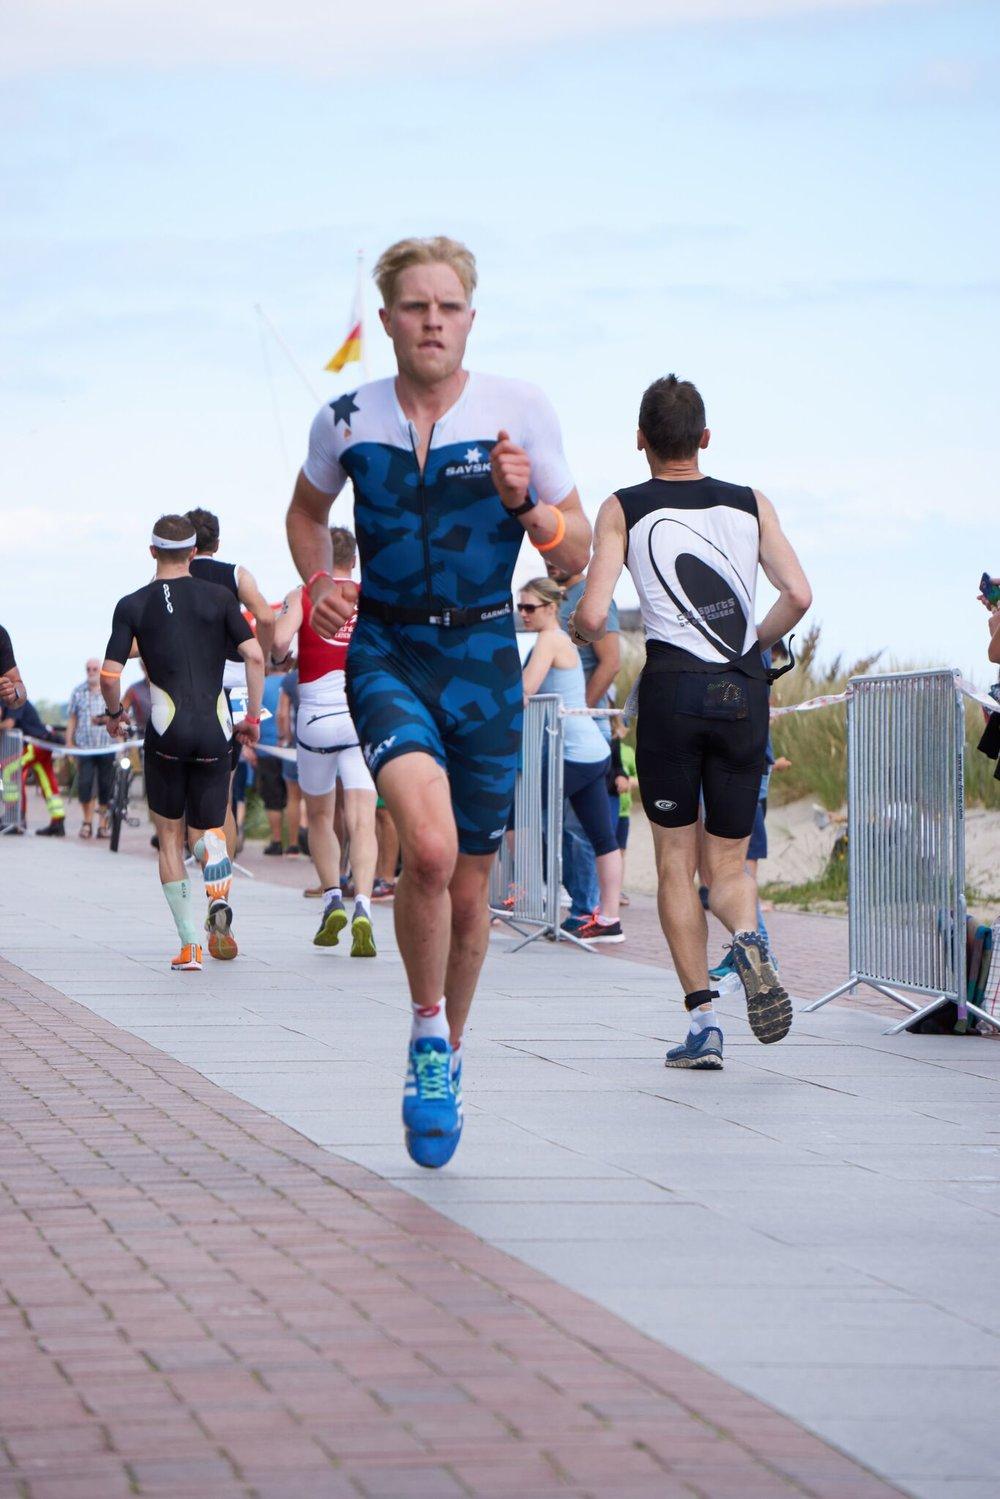 Philipp Herber:  Challenge Almere Sieger 2018, IM Hawaii sub 9h  Ironman Debüt 8:46h Vichy 2017 (6. Platz gesamt)  Deutscher Hochschulmeister Triathlon 2012